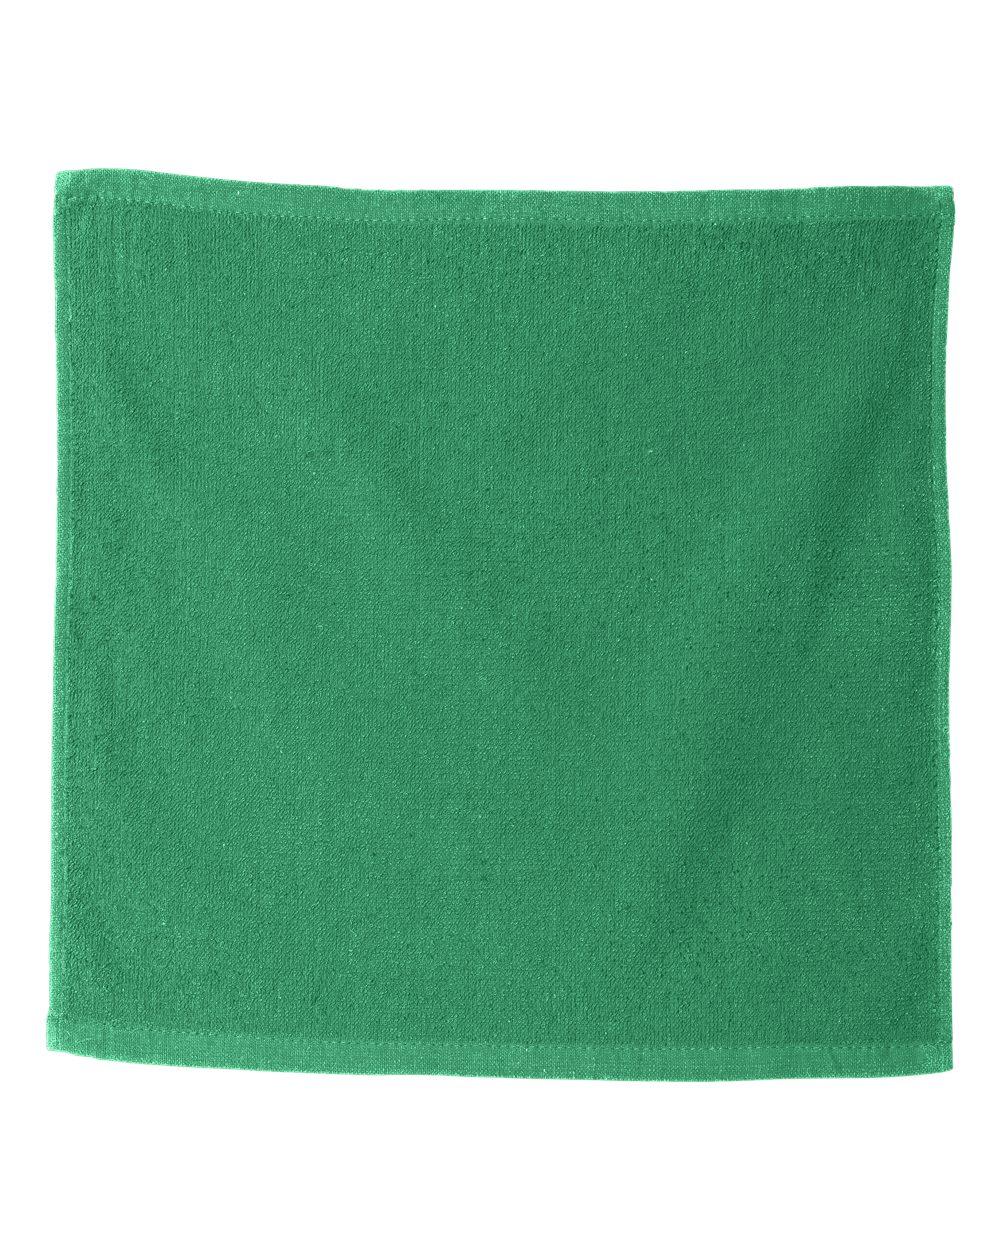 Carmel Towel Company C1515